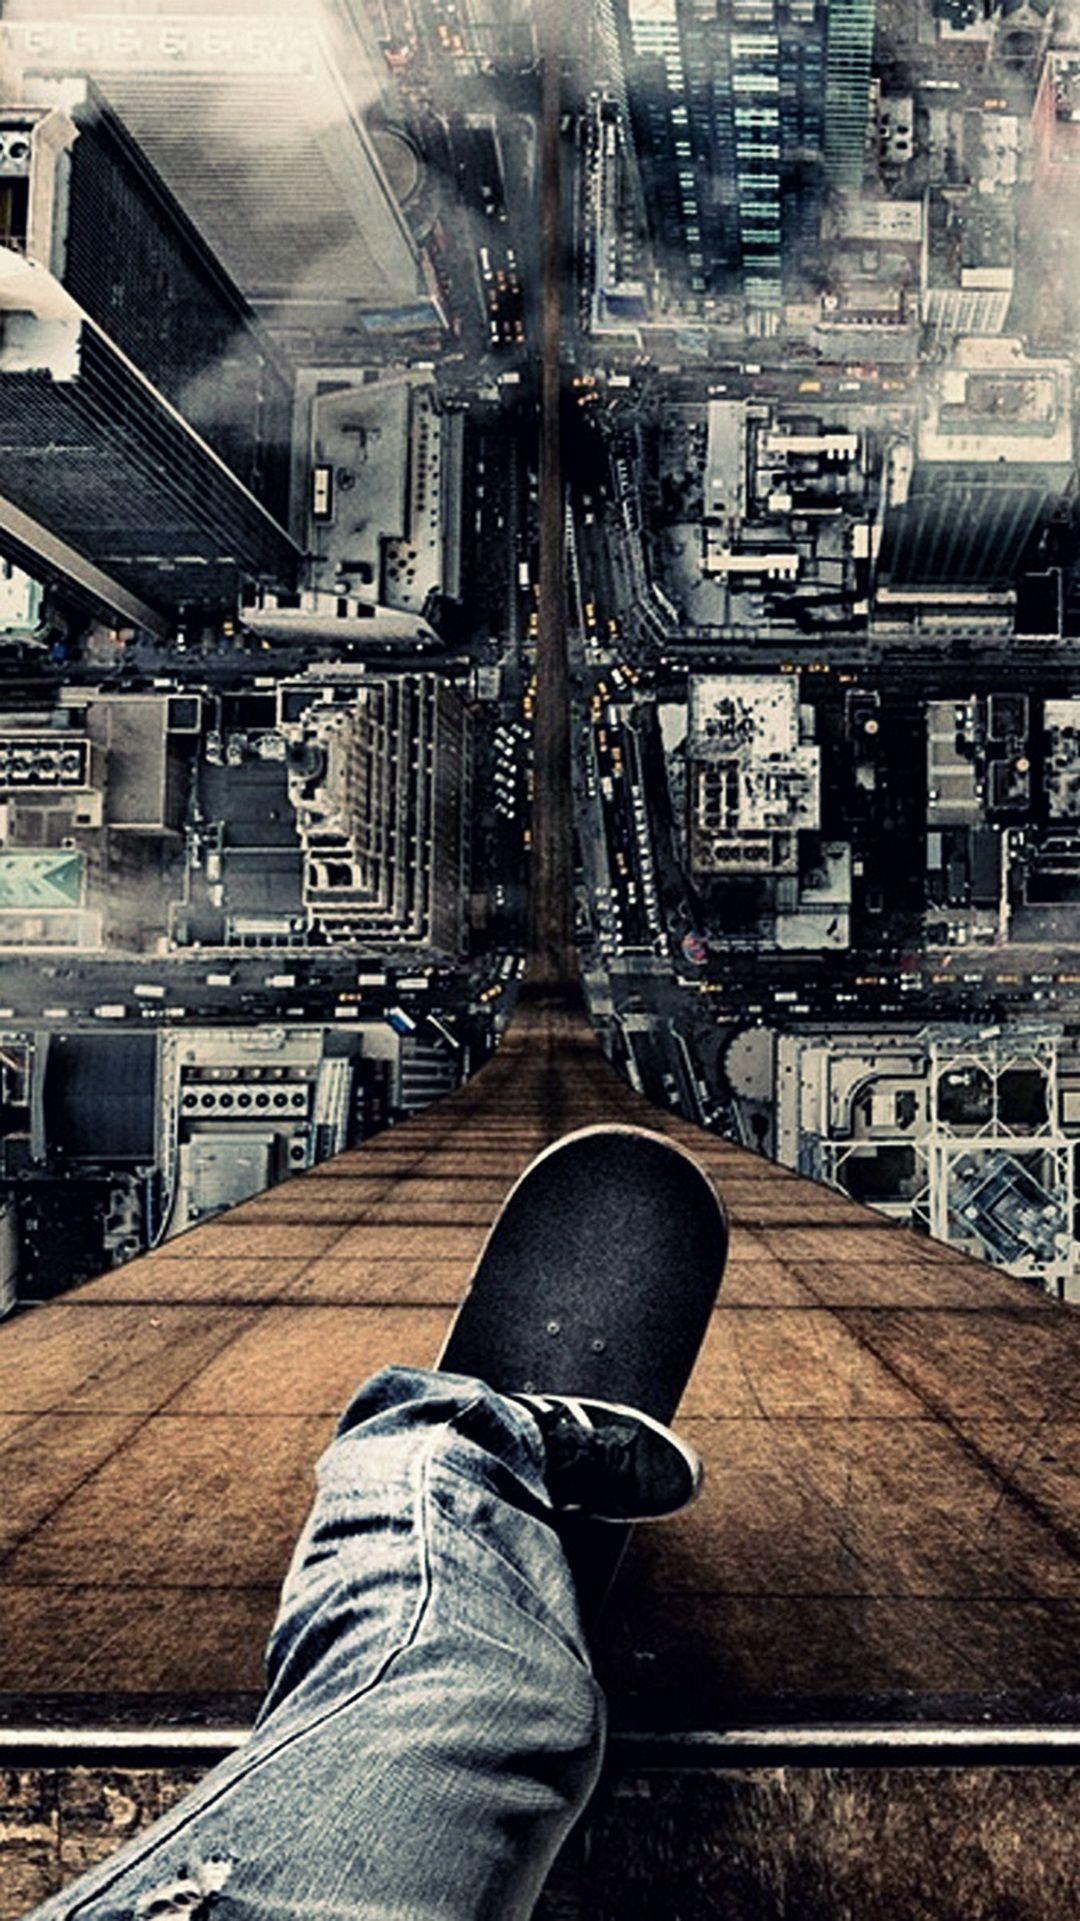 skateboard Best iphone wallpapers, Skateboard